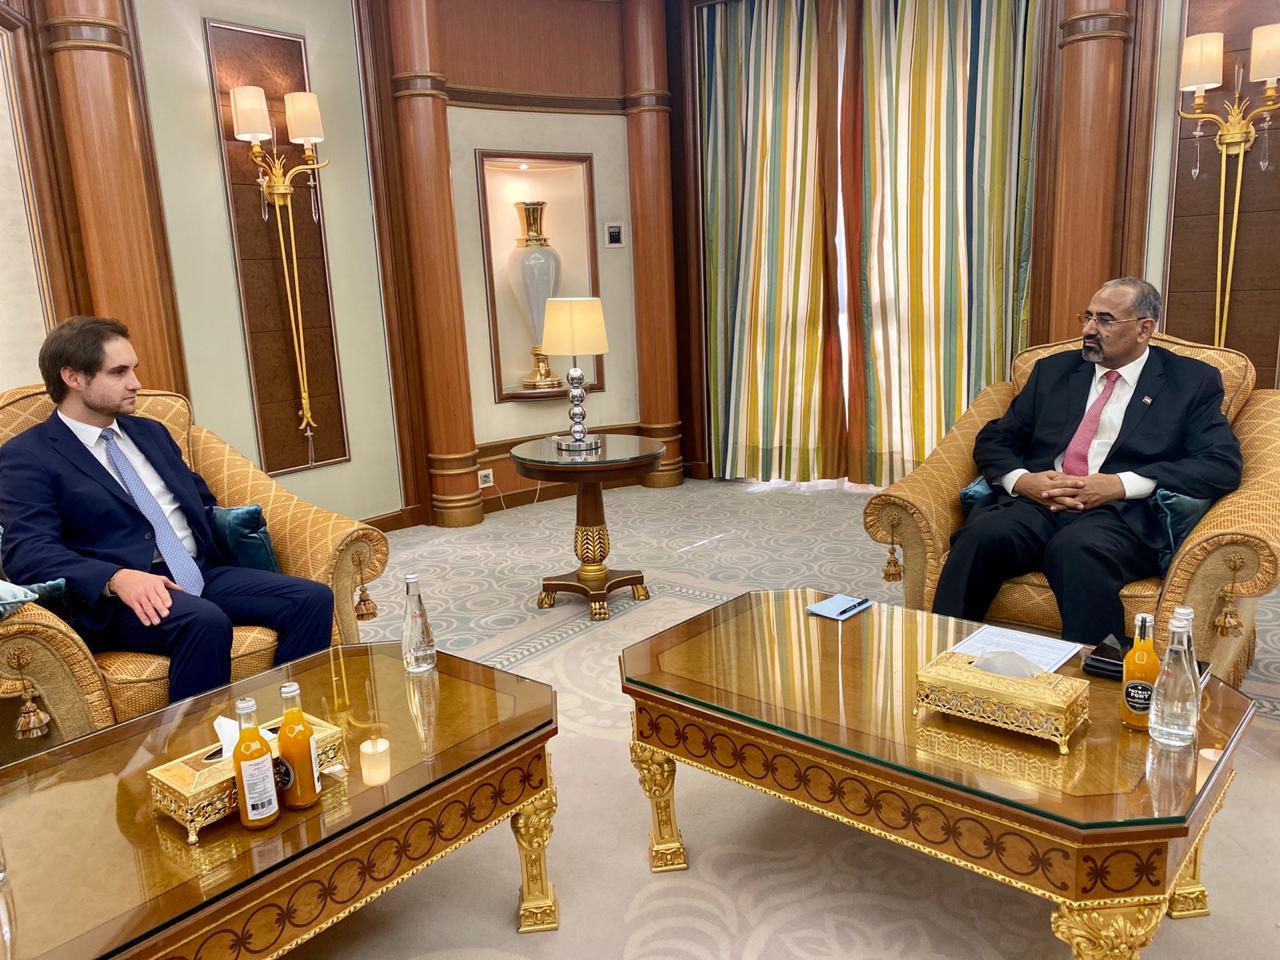 الرئيس القائد عيدروس الزُبيدي يستقبل مسؤولين من بعثة جمهورية ألمانيا الاتحادية